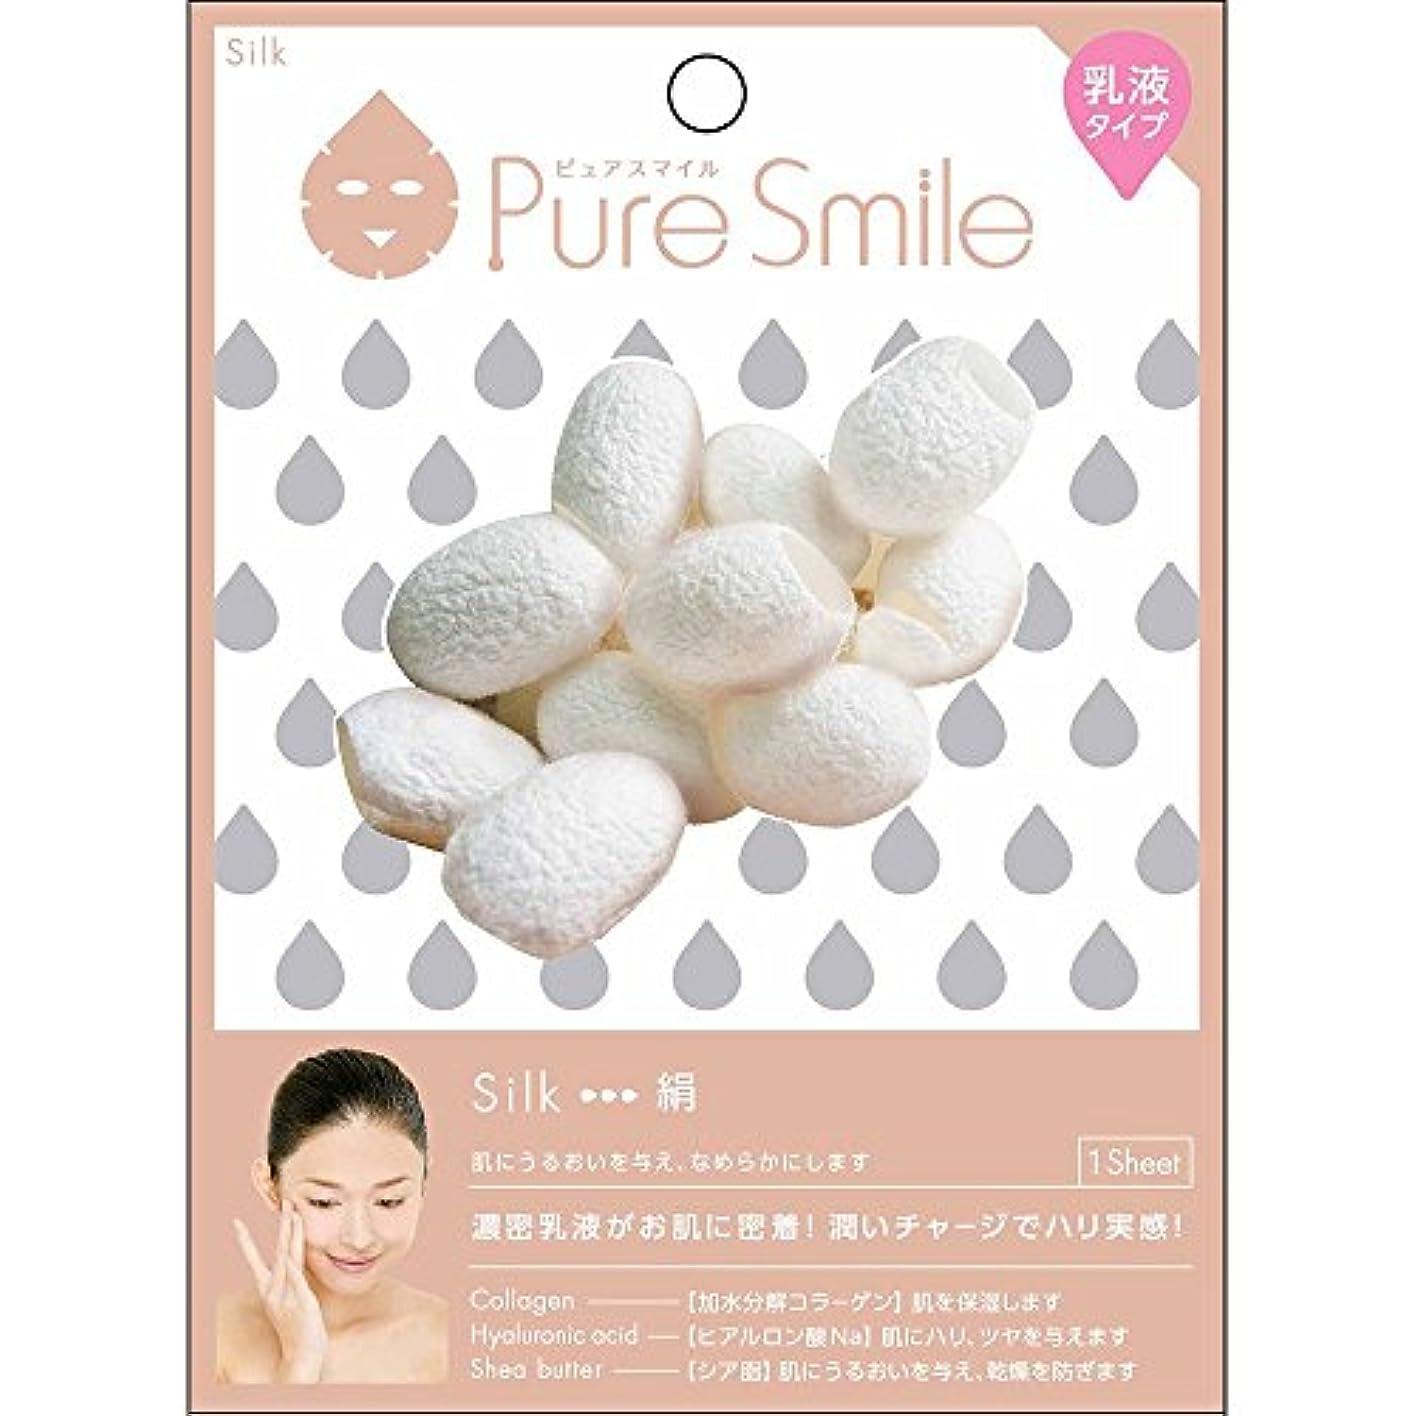 手つかずのリテラシー等々Pure Smile(ピュアスマイル) 乳液エッセンスマスク 1 枚 絹